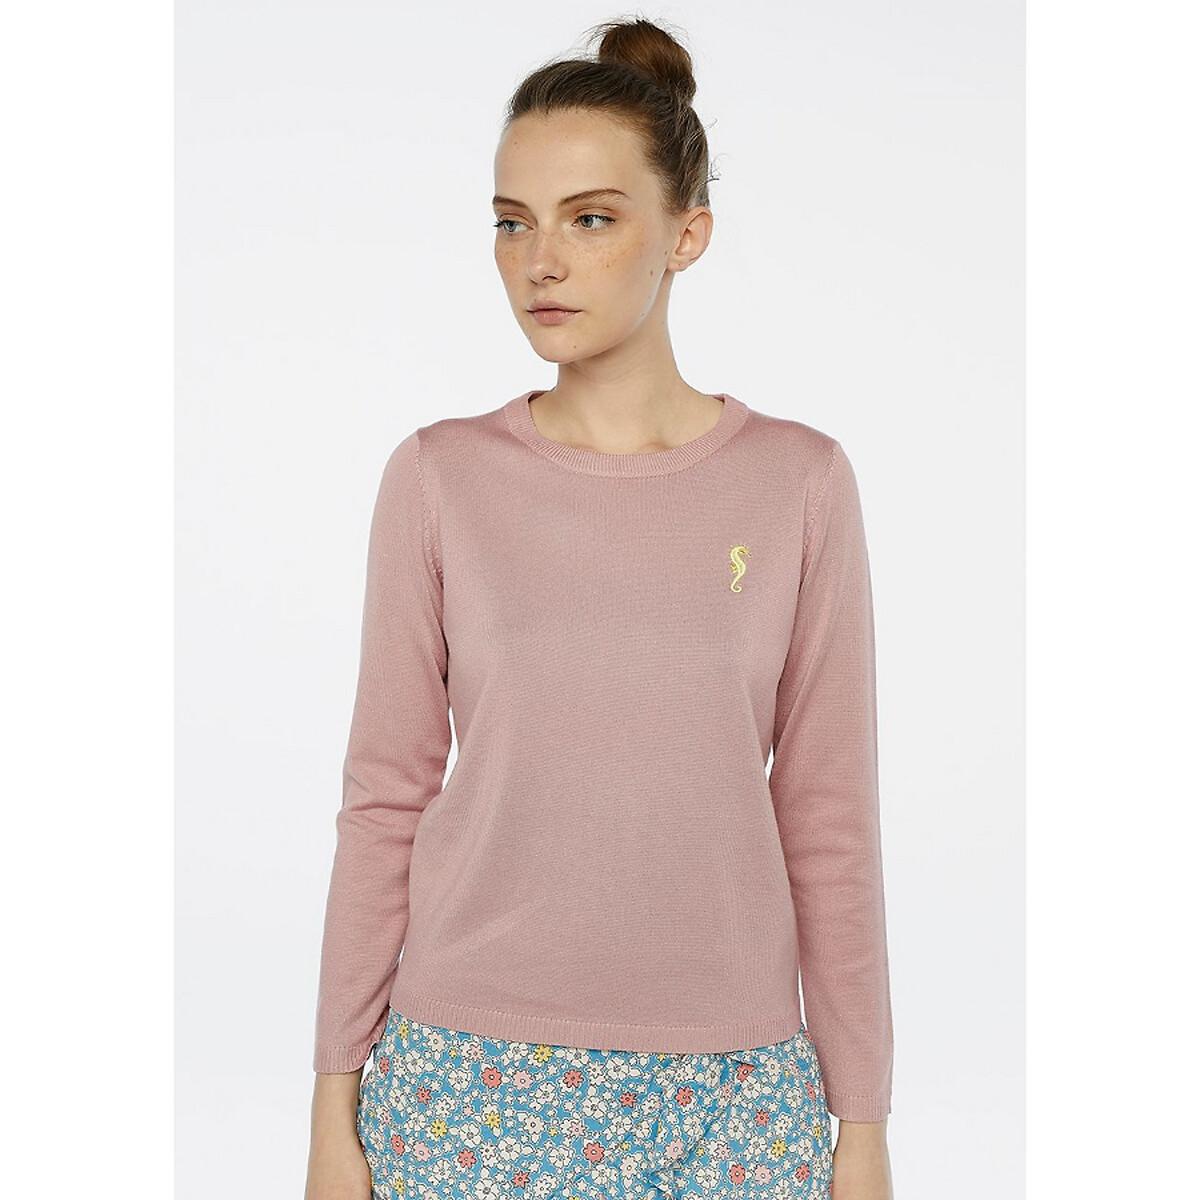 Пуловер La Redoute С круглым вырезом с вышивкой на груди S розовый сумка la redoute кожаная маленькая с клапаном с вышивкой uni розовый